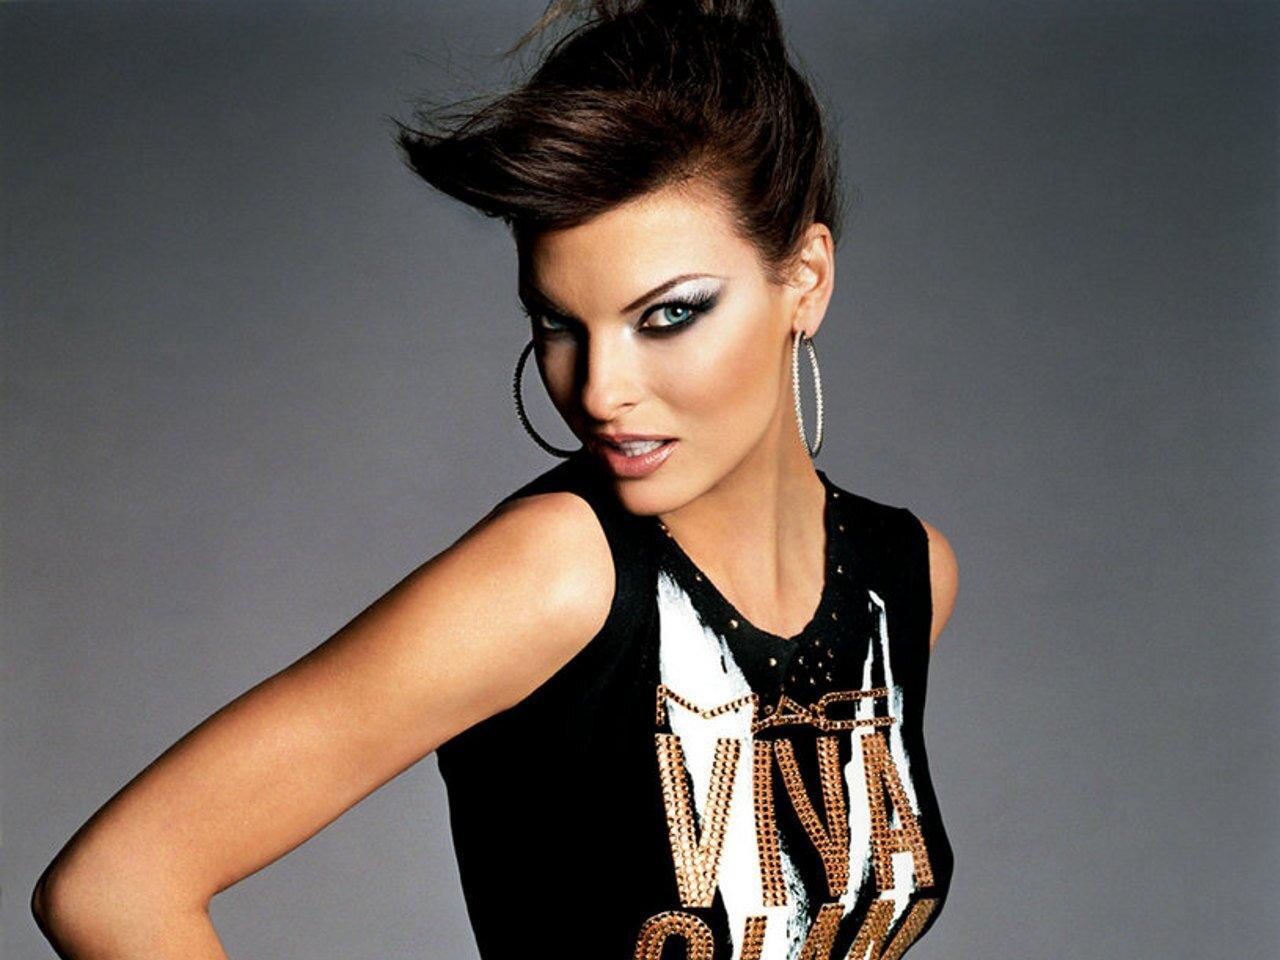 Linda Evangelista Hot Hot Hot 17